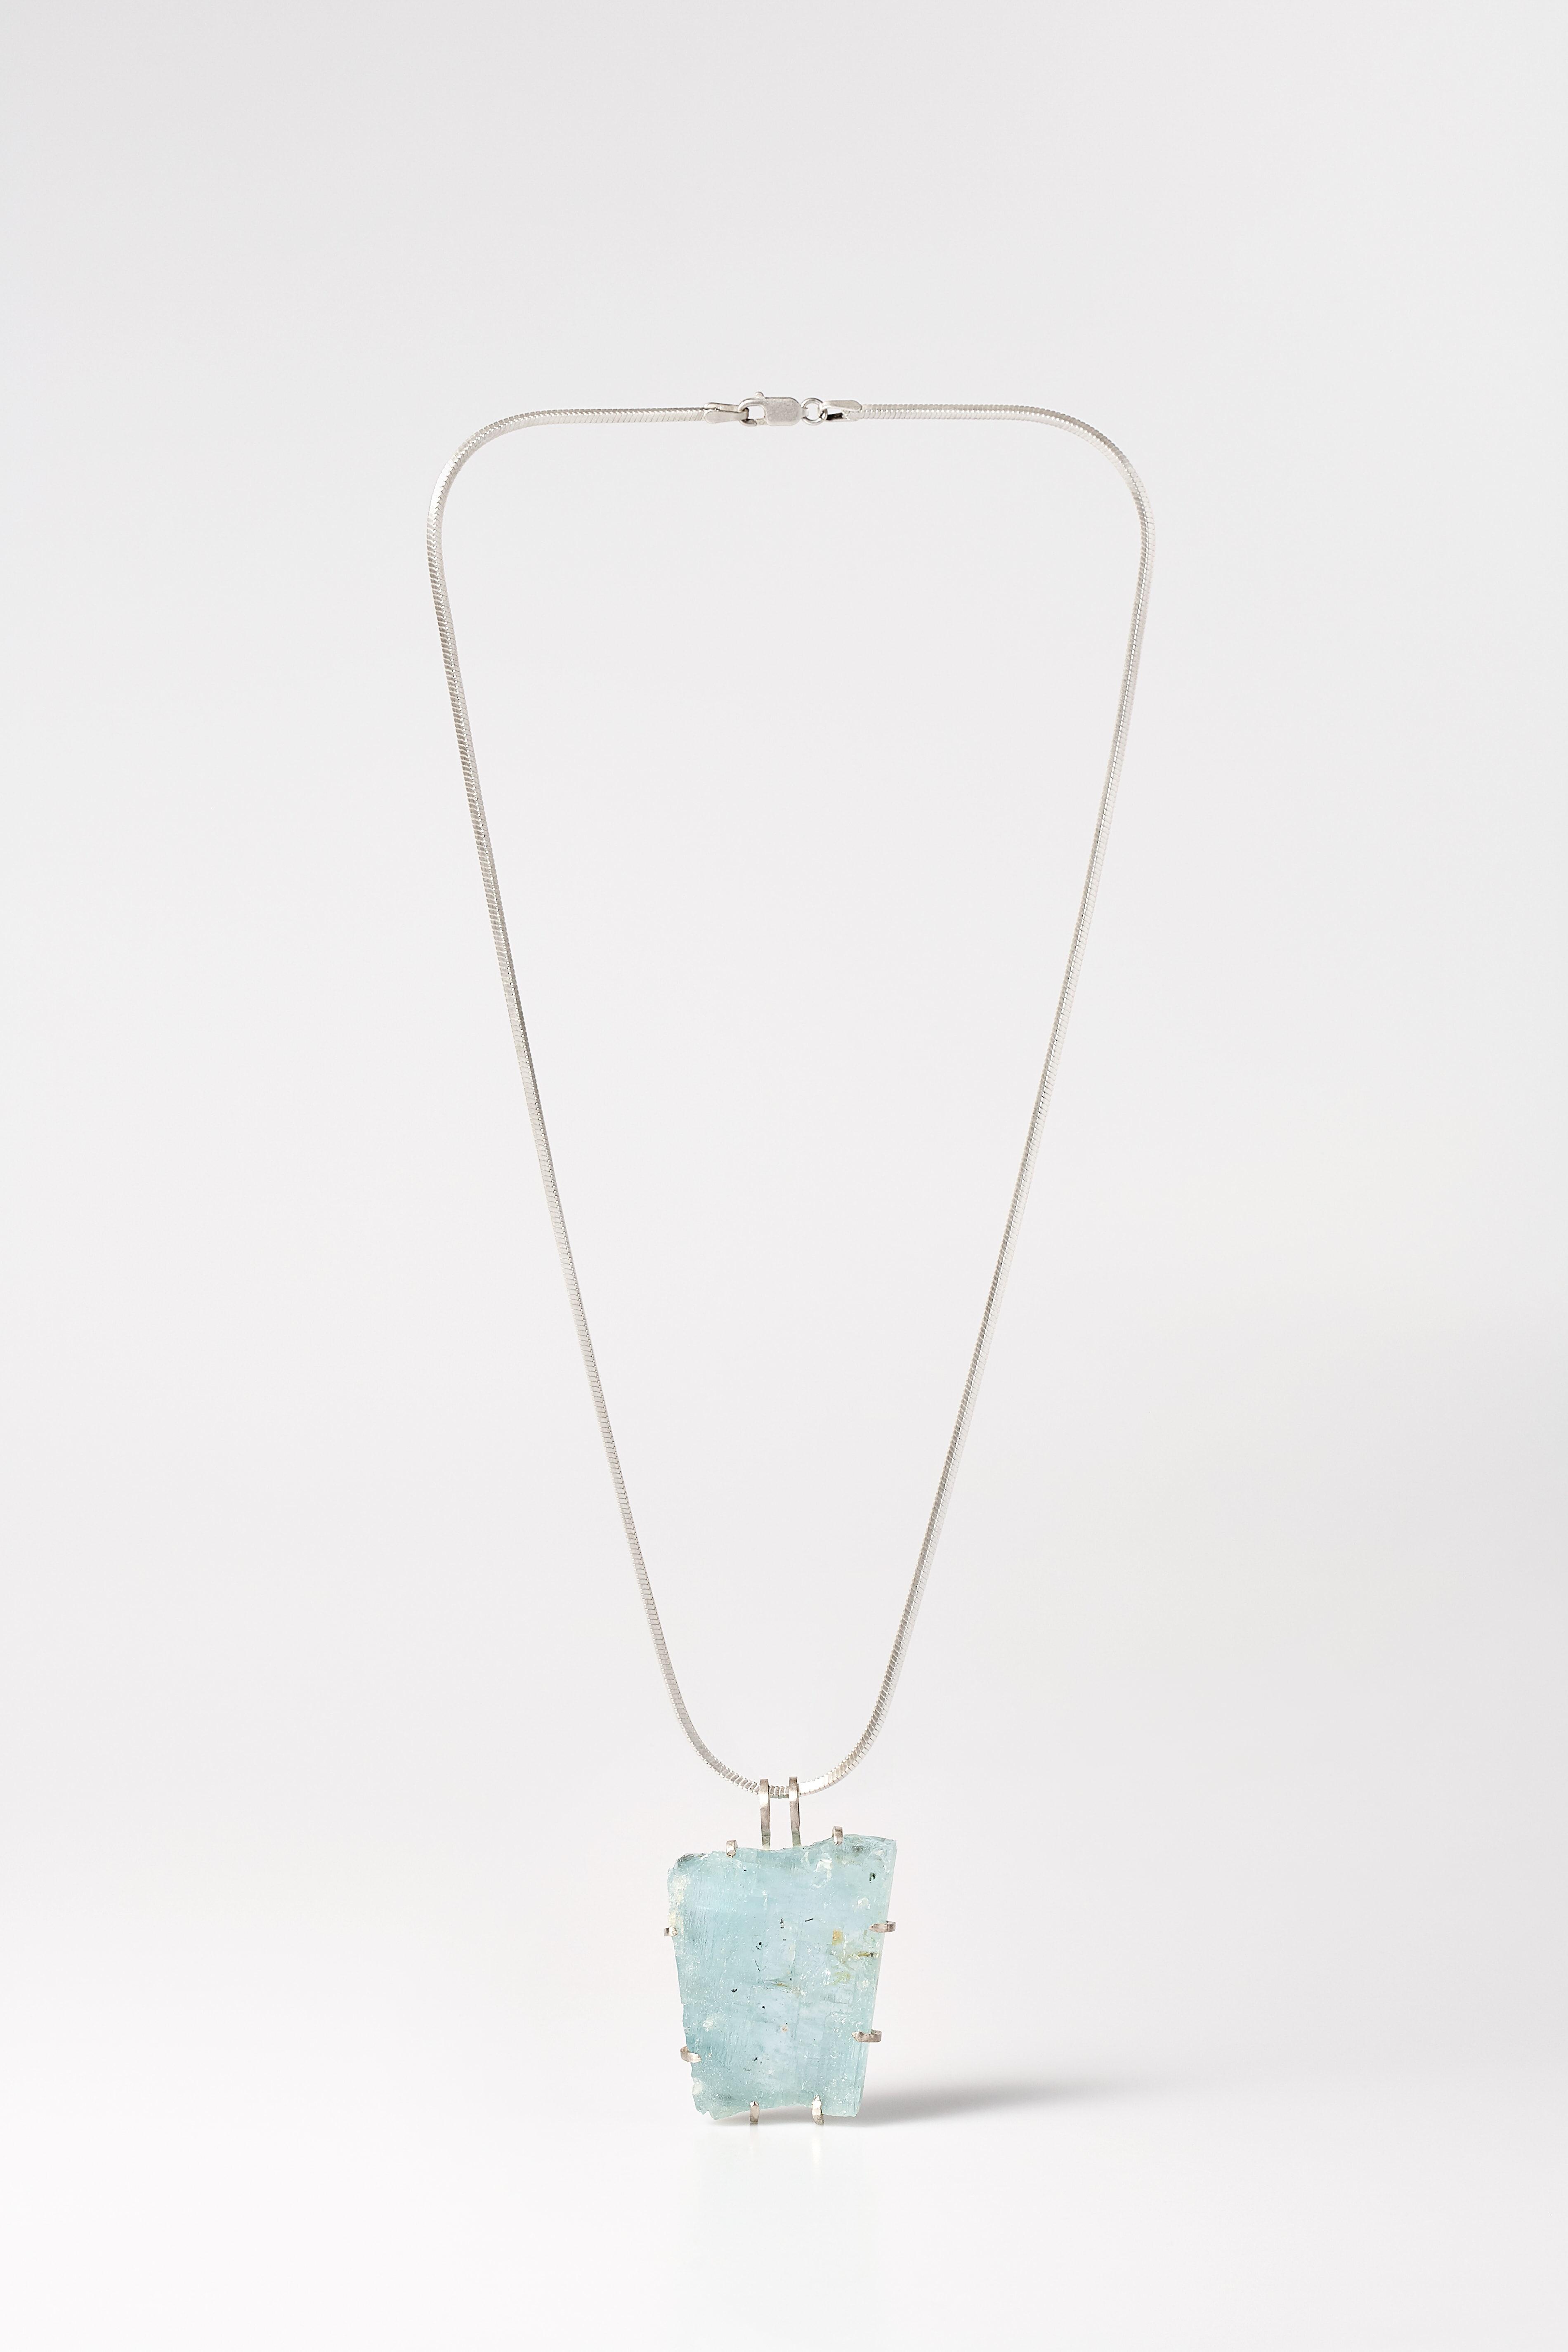 Aquamarin pendant.3